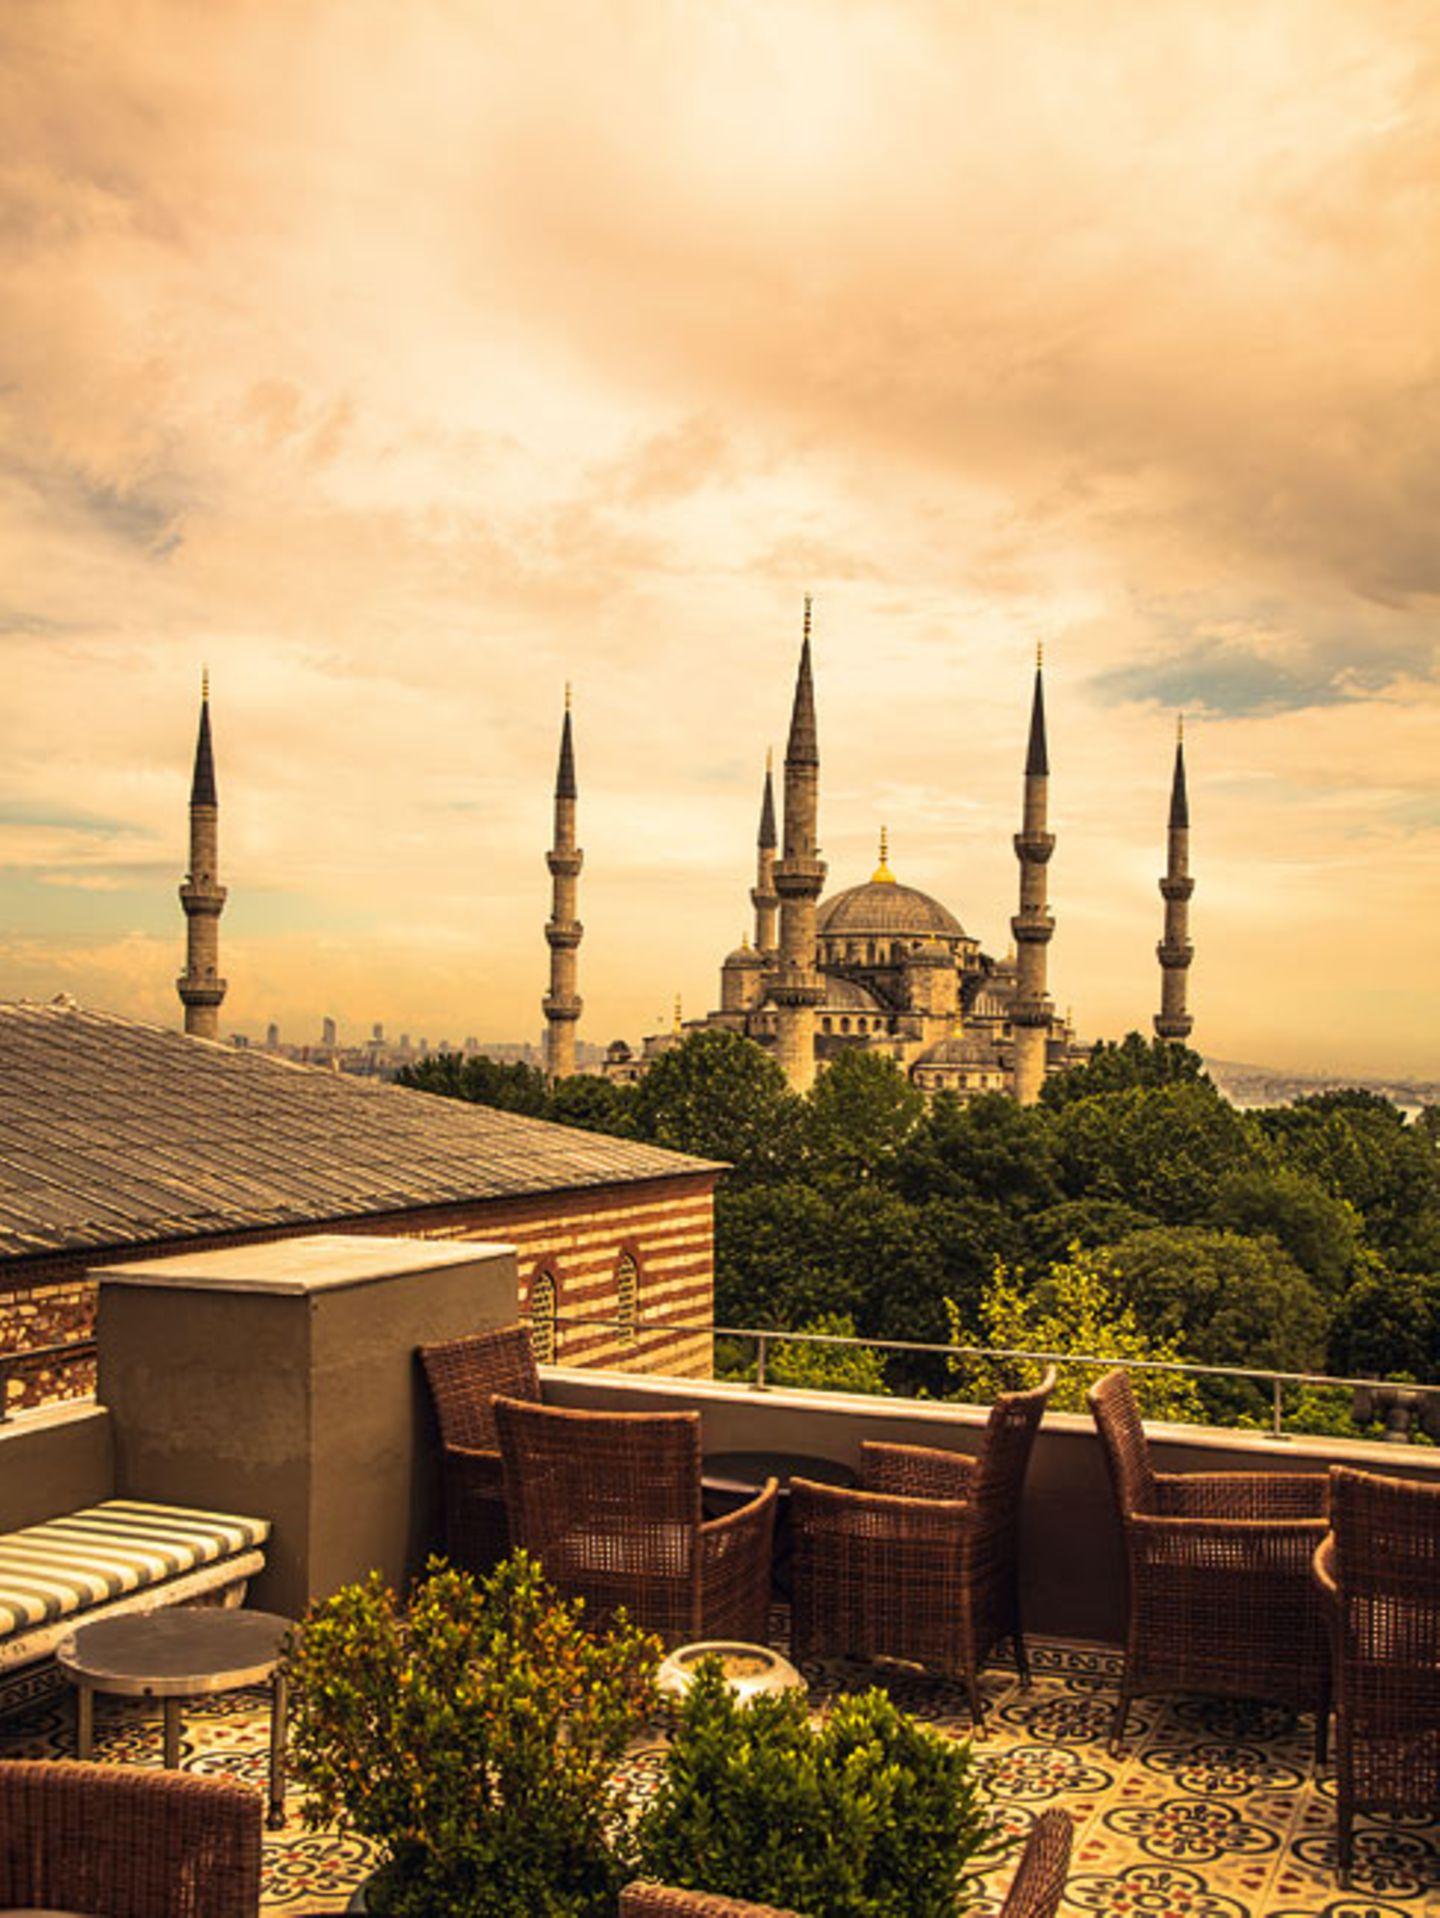 Fotogalerie: Istanbul - Stadt als Achterbahn - Bild 7